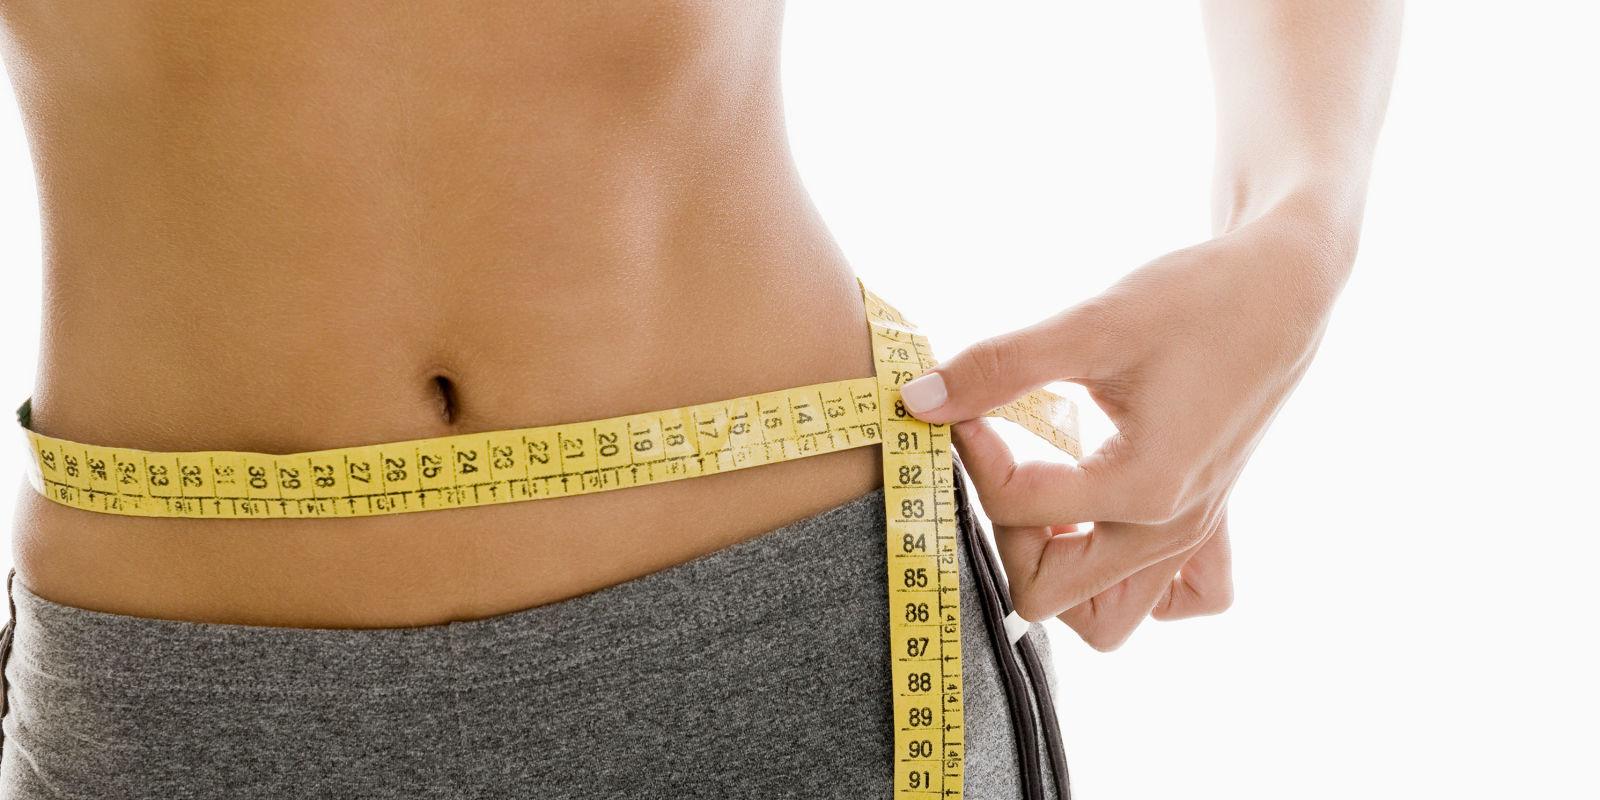 Co z tym metabolizmem?